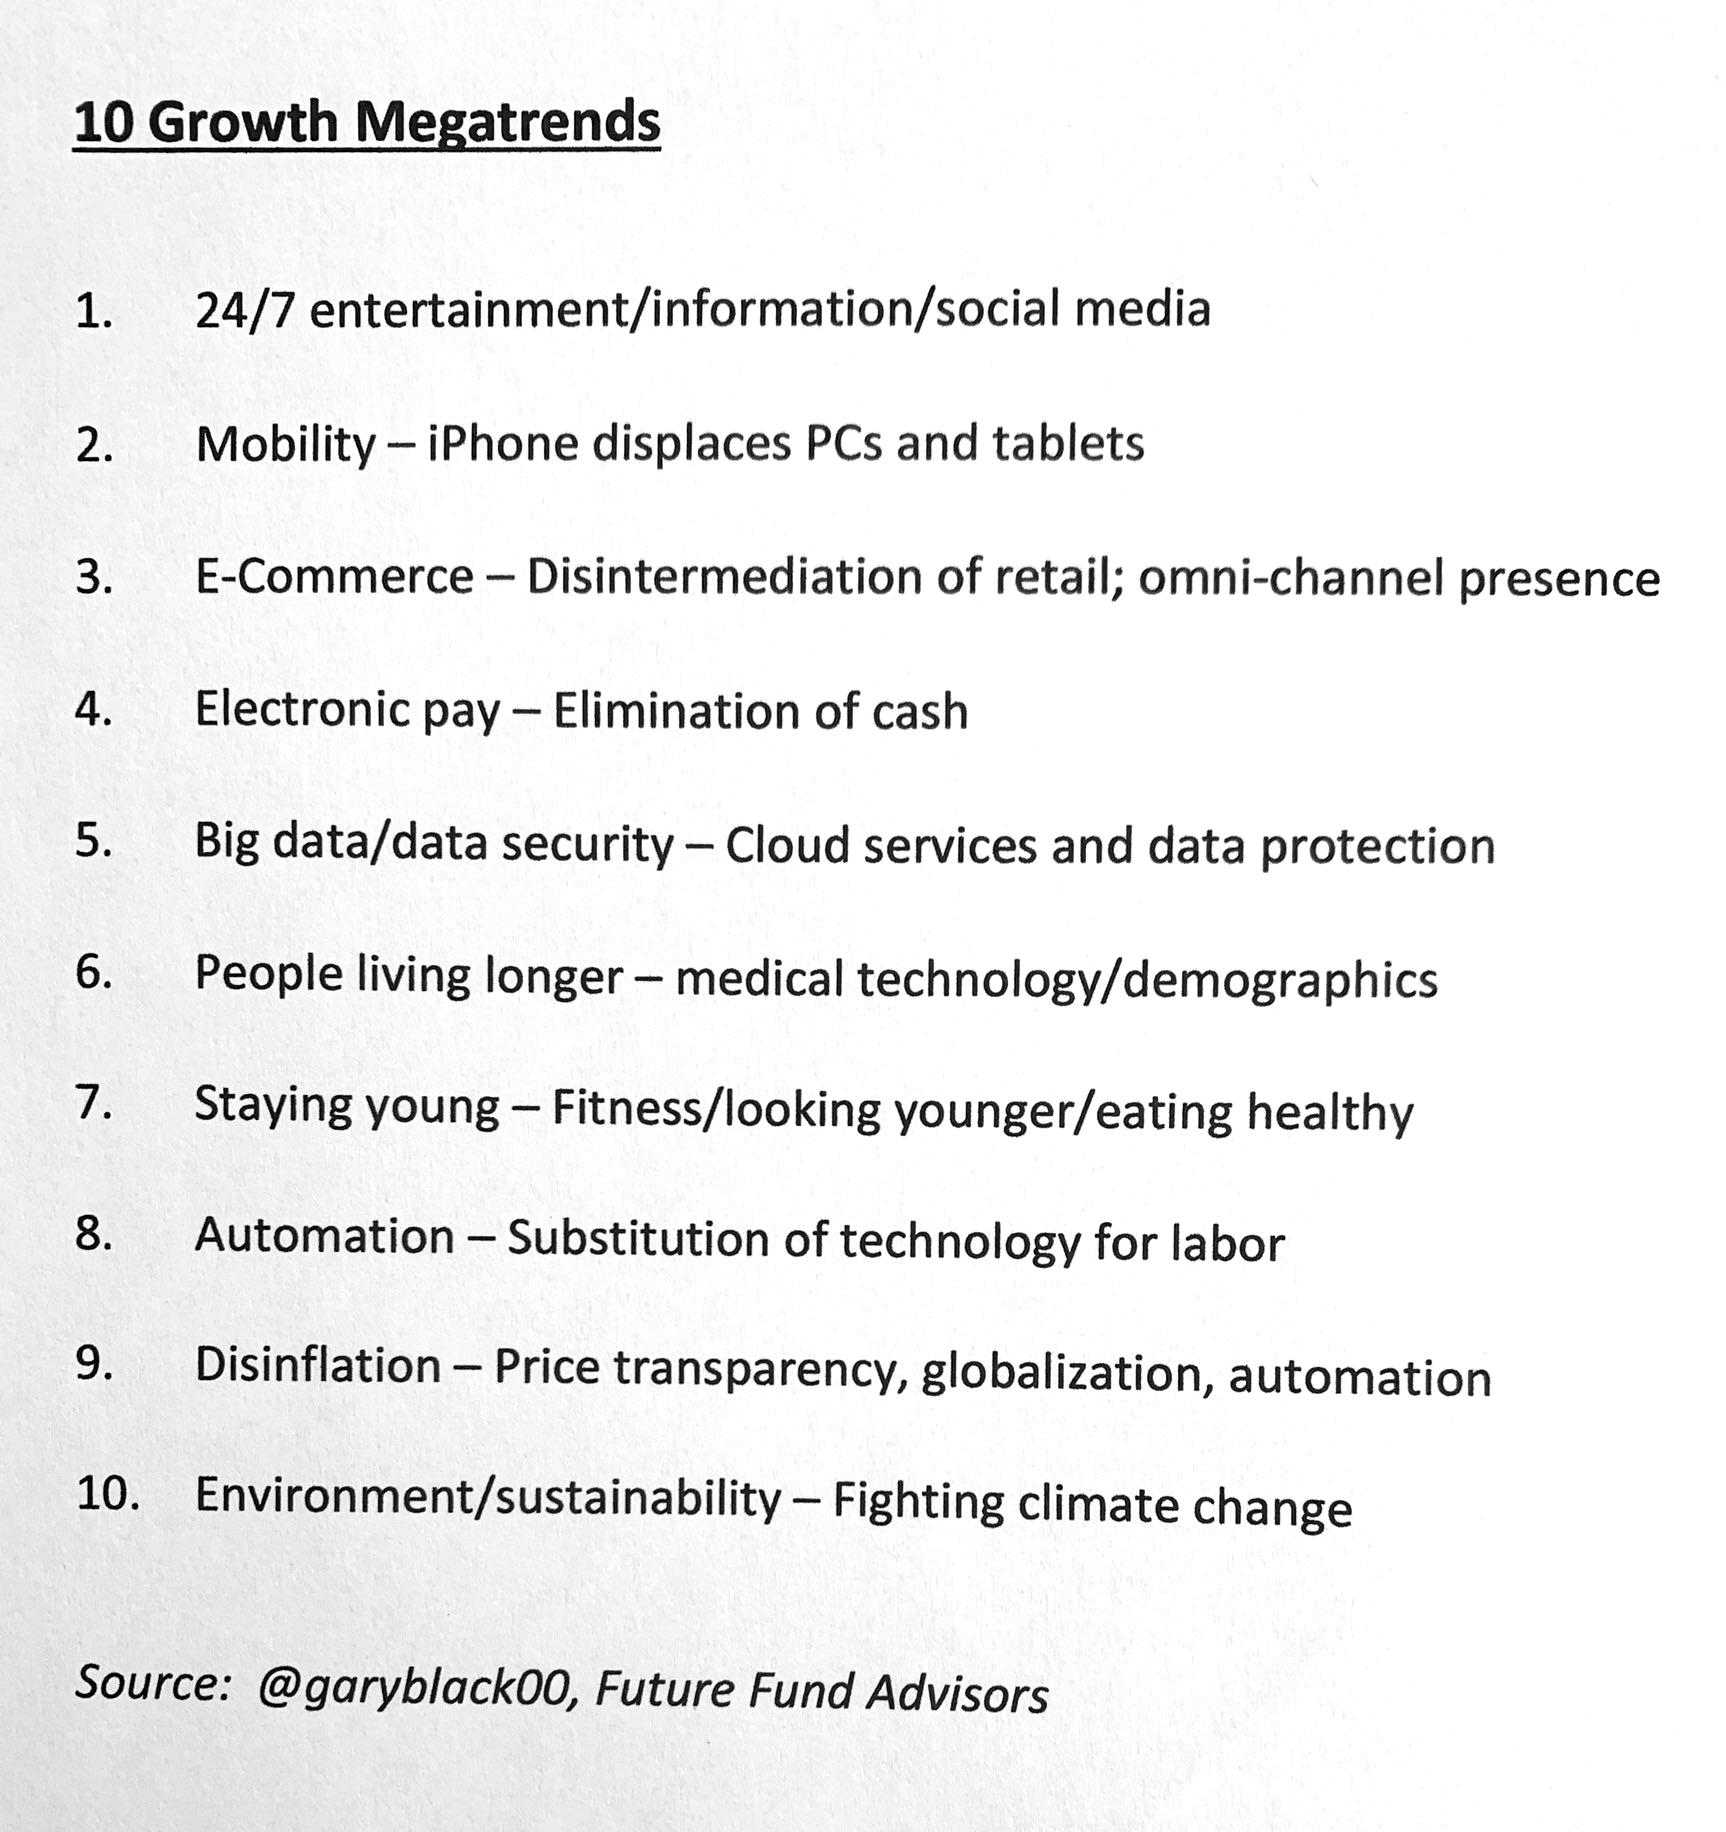 Гари Блэк — директор по информационным технологиям подразделения акций Goldman Sachs 5октября 2020года написал в твиттере, что он ориентируется на 10мегатенденций будущего, которые могут изменить мир. Если компанию можно отнести более чем к одной перспективной отрасли, у нее хорошие фундаментальные характеристики и справедливая цена, то из нее может получиться компания роста